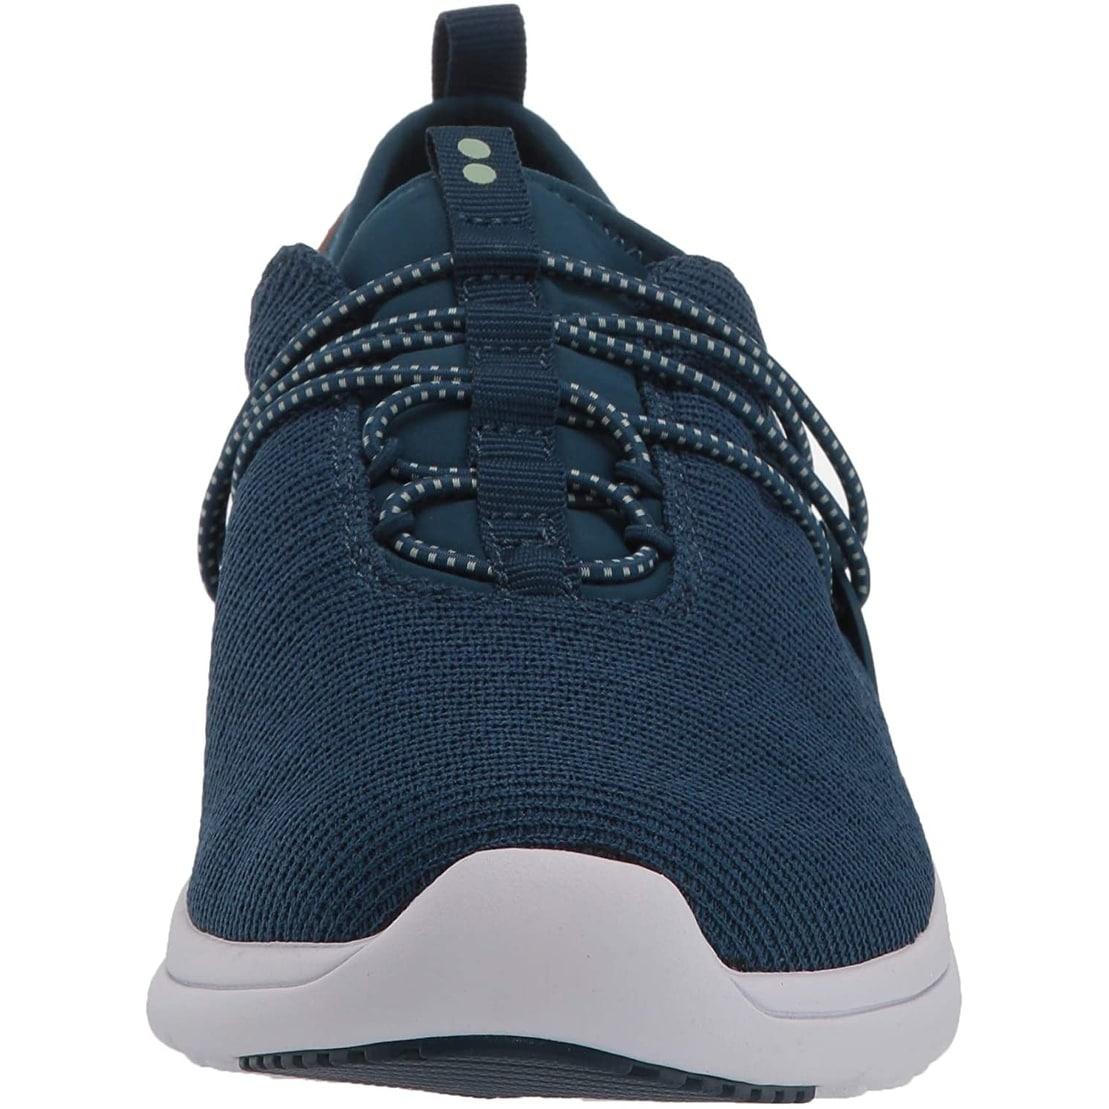 Shop Ryka Women's Chandra Walking Shoe